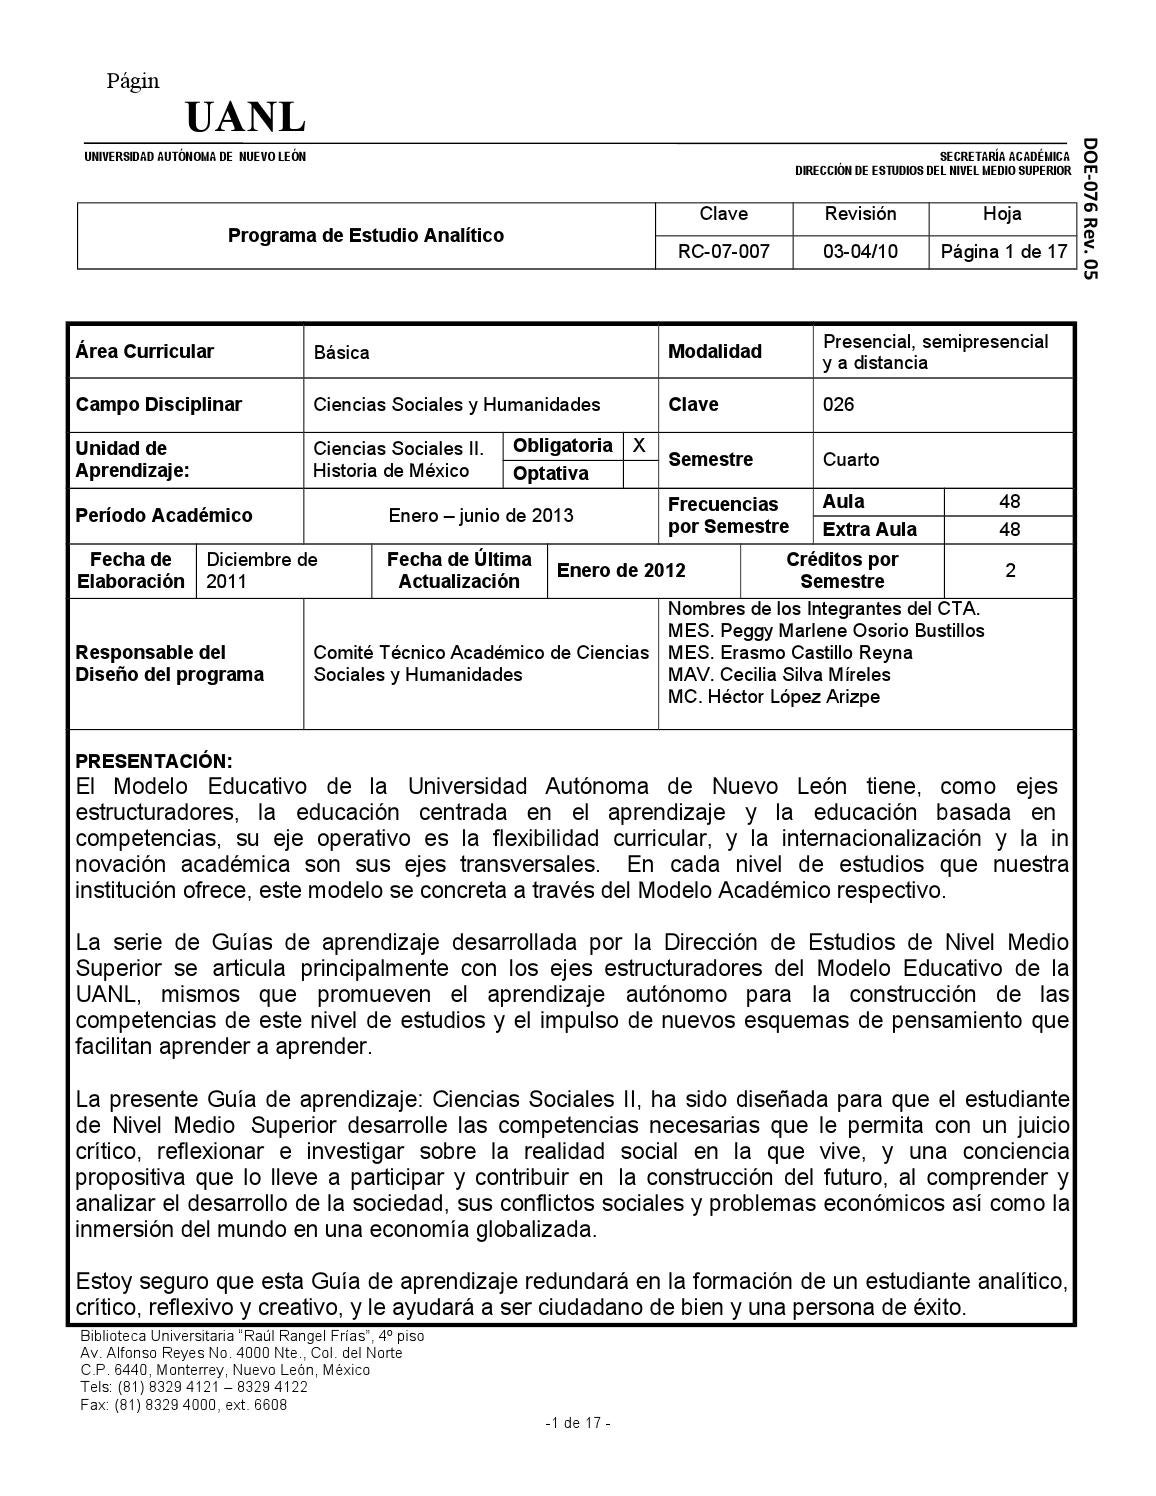 Ciencias sociales 2 historia de mexico by biblioteca ing for Menu colegio base